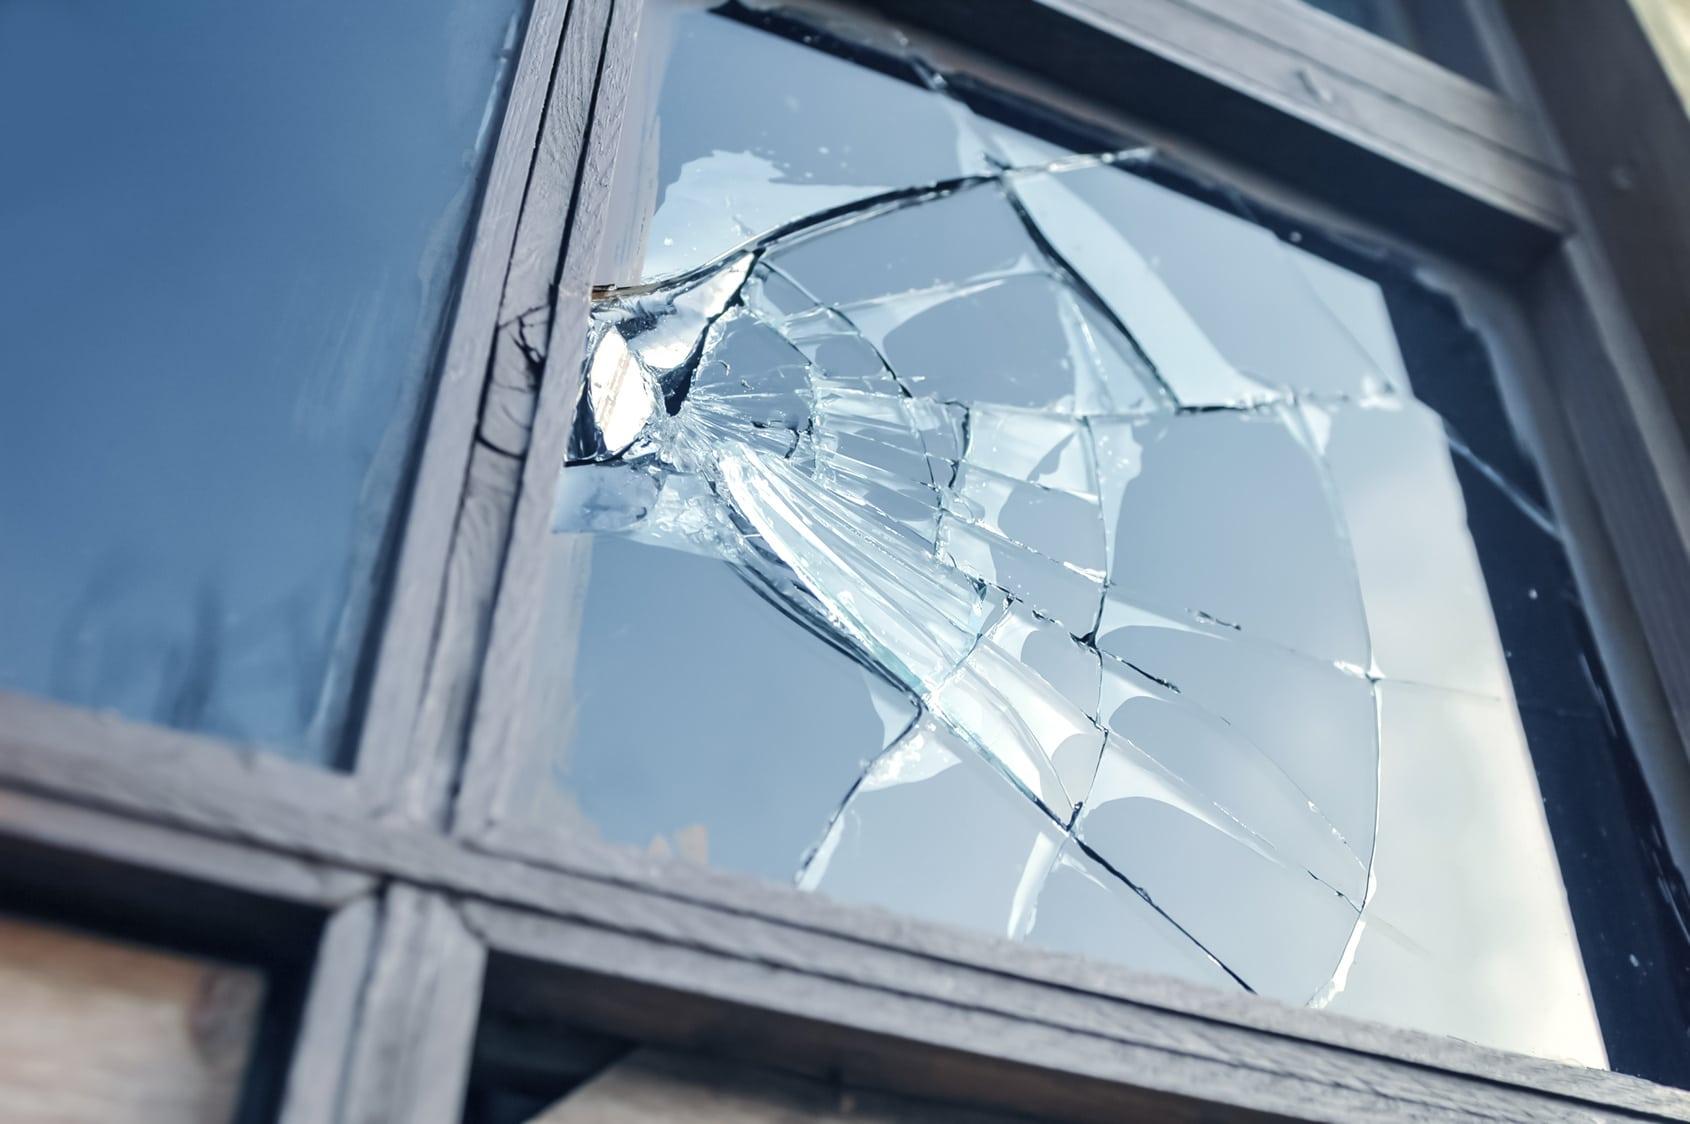 vitraco vitrerie miroiterie pour tous travaux de vitrage bruxelles. Black Bedroom Furniture Sets. Home Design Ideas